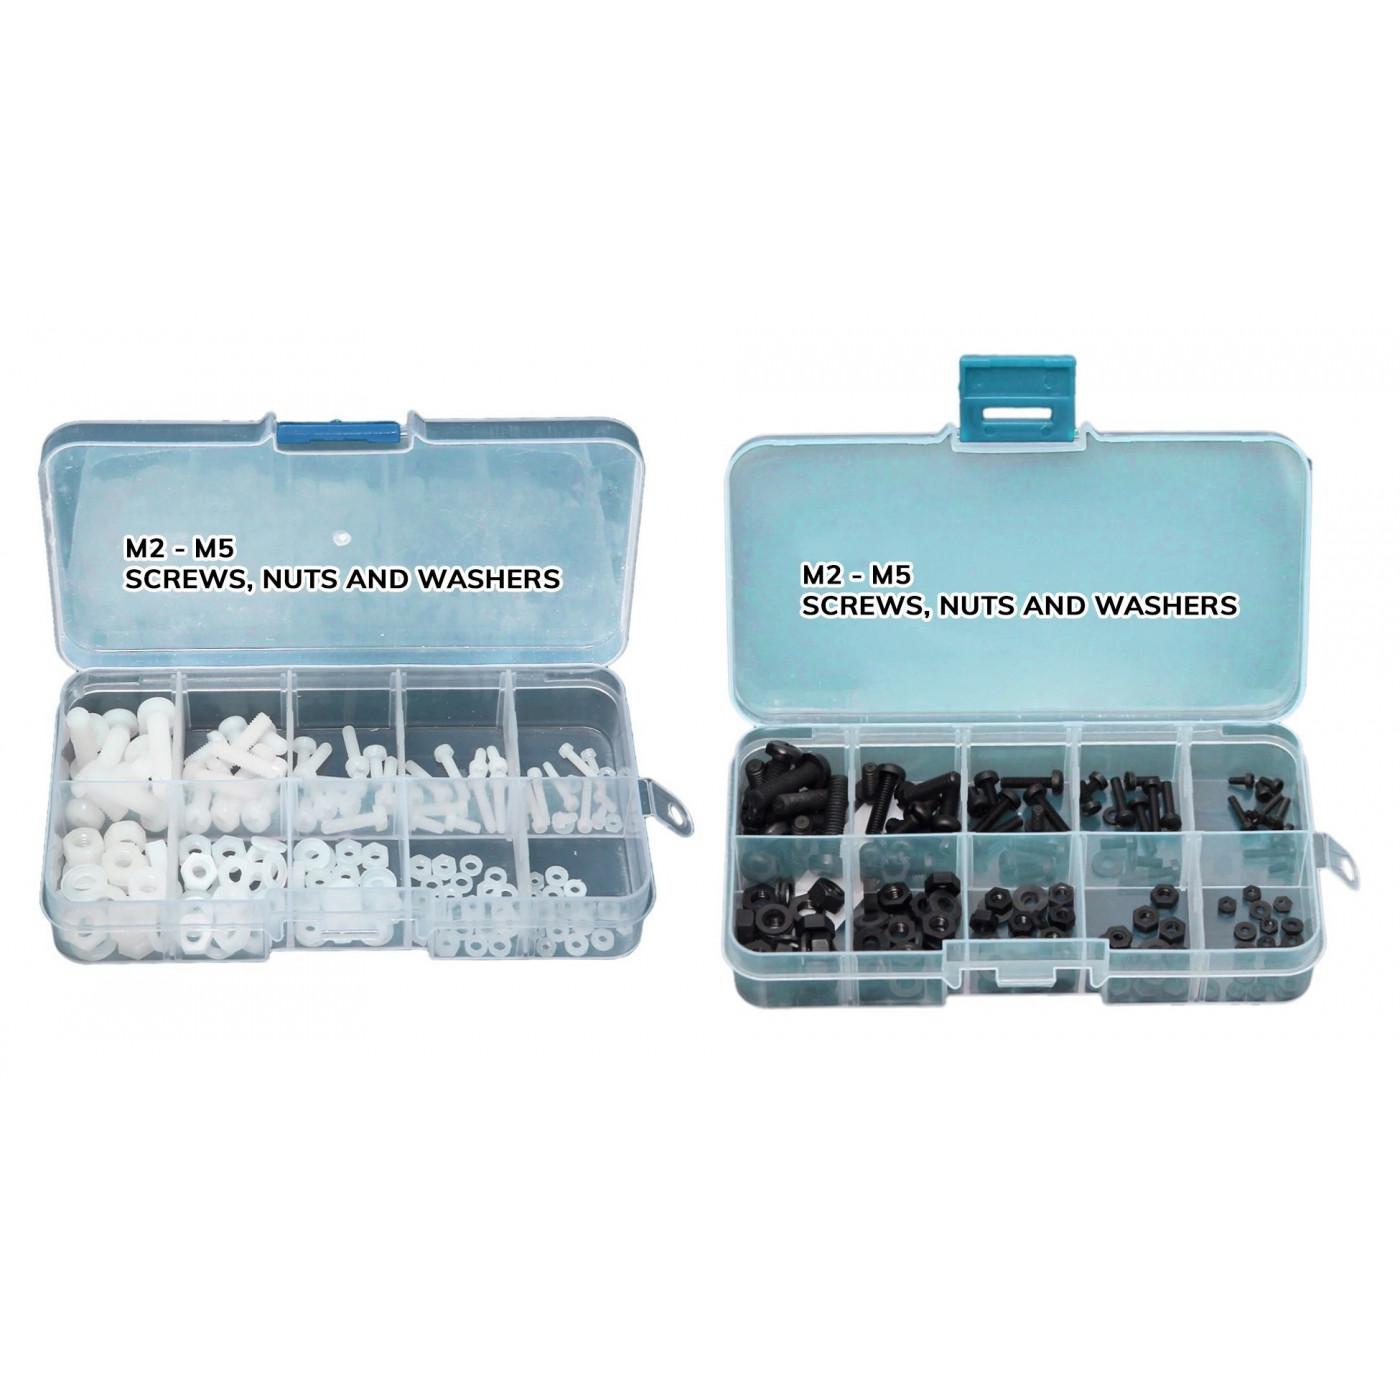 Set 300 Kunststoffschrauben, Muttern und scheiben (weiss und schwarz)  - 1